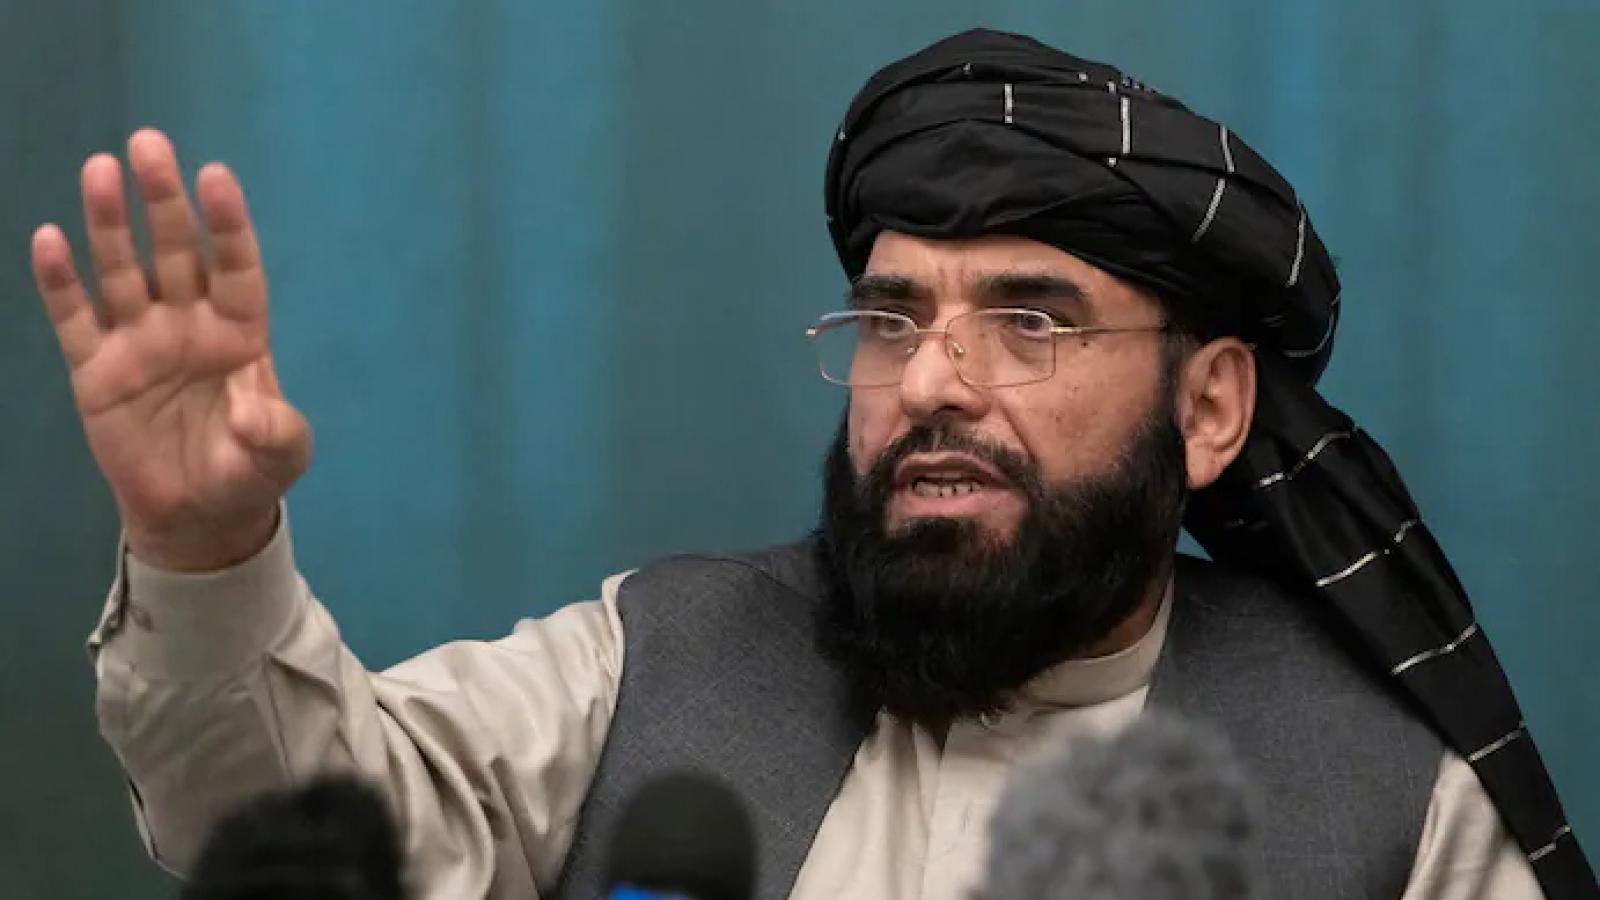 Tham vọng của Taliban không đơn giản chỉ dừng lại ở Afghanistan?